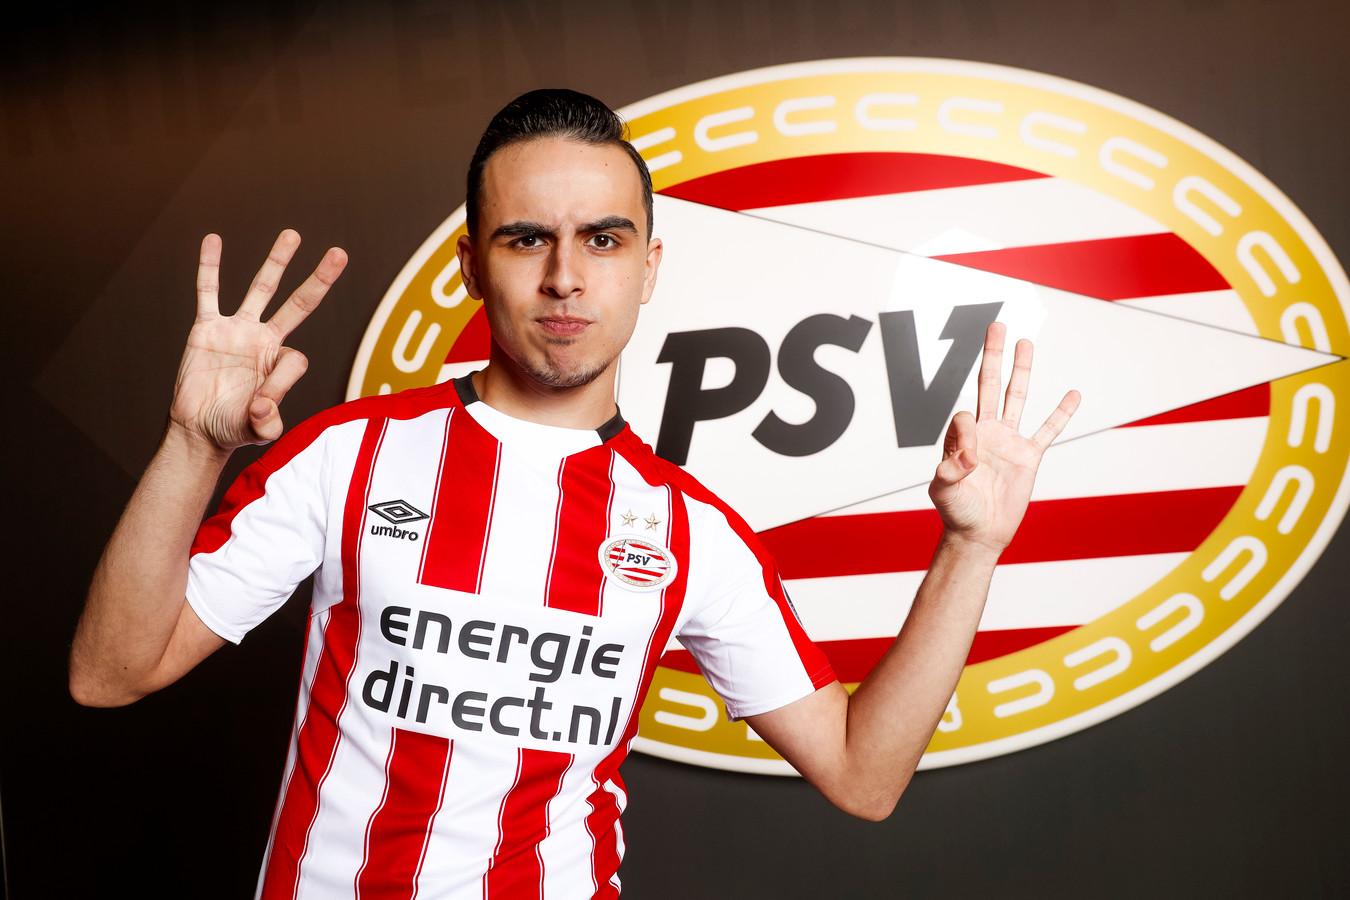 Ali Riza Aygün, e-sporter van PSV.